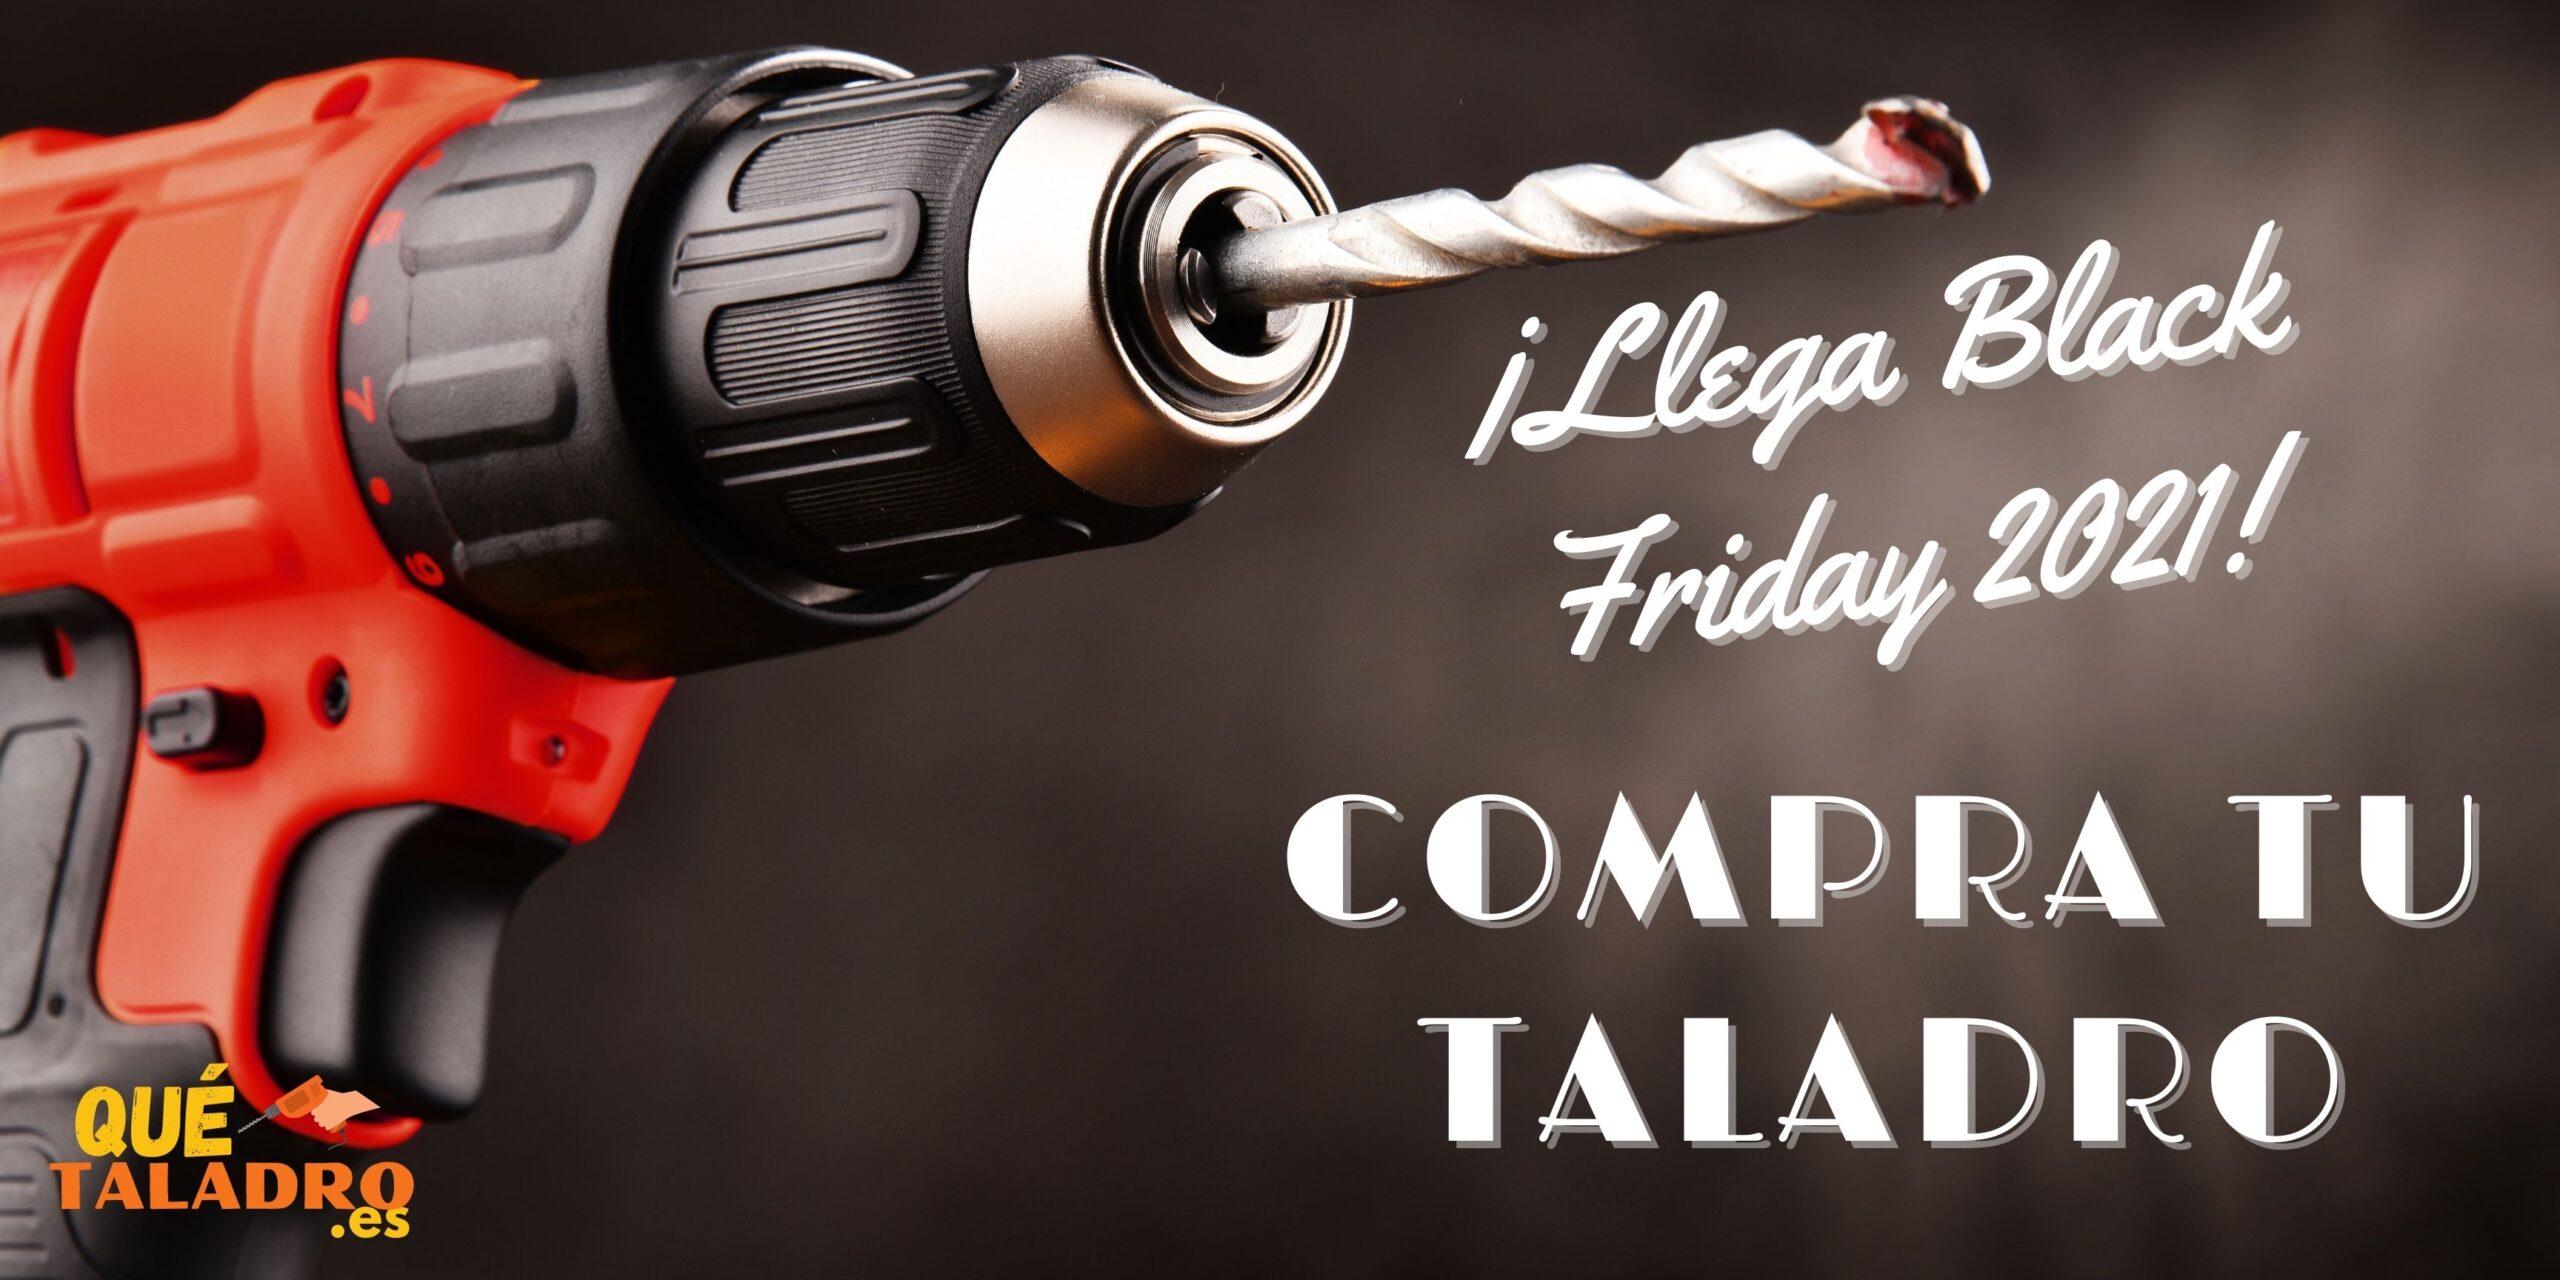 Taladro Black Friday